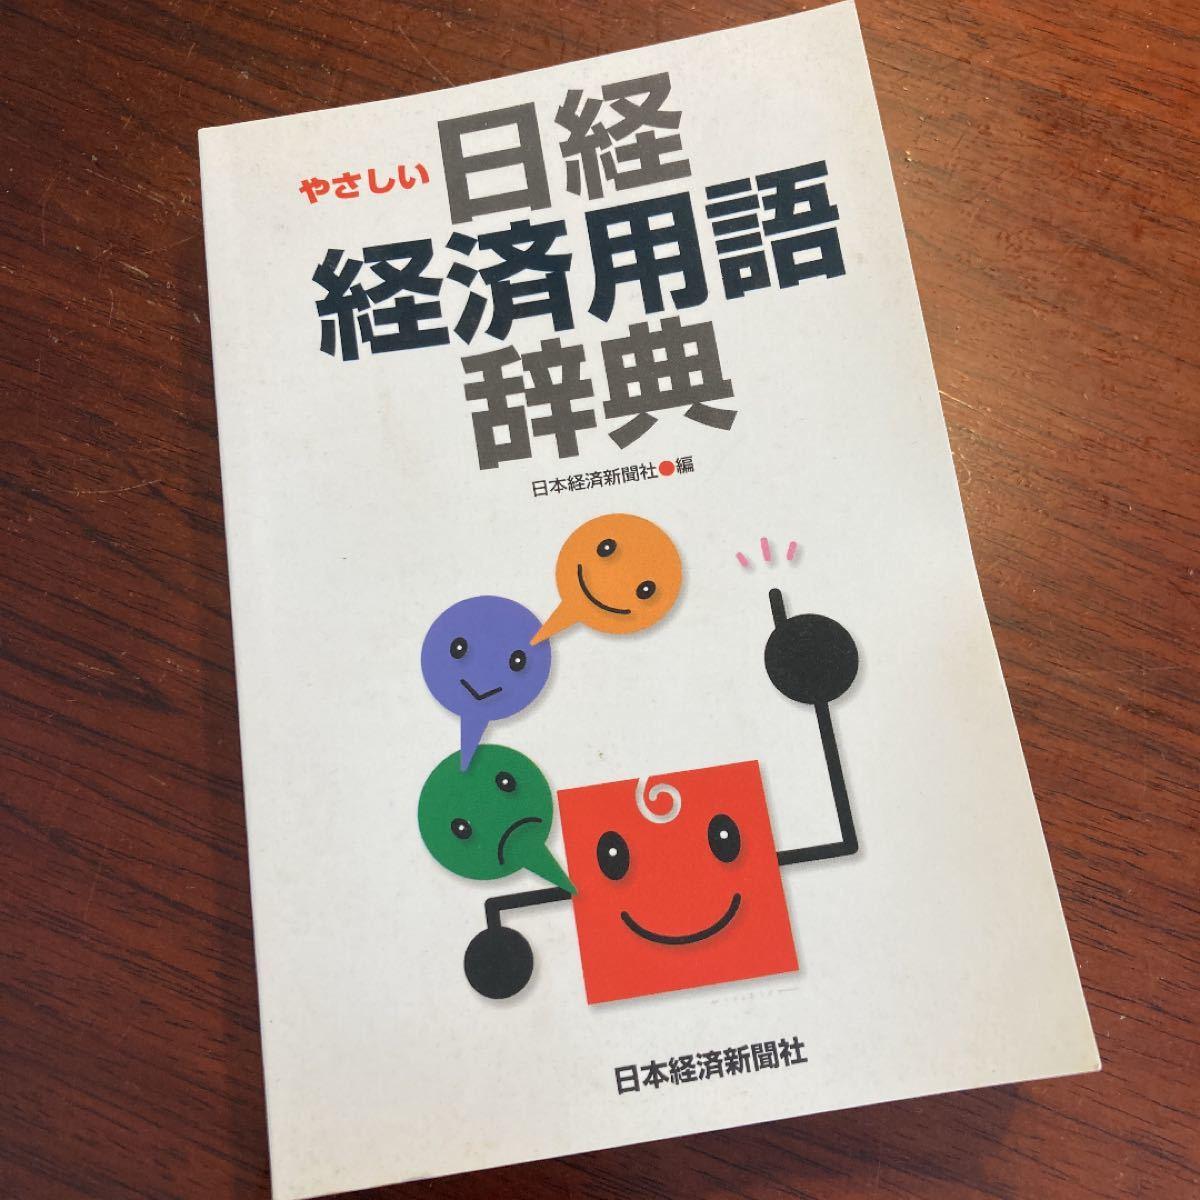 用語辞典 日経からもらった経済用語辞典です。